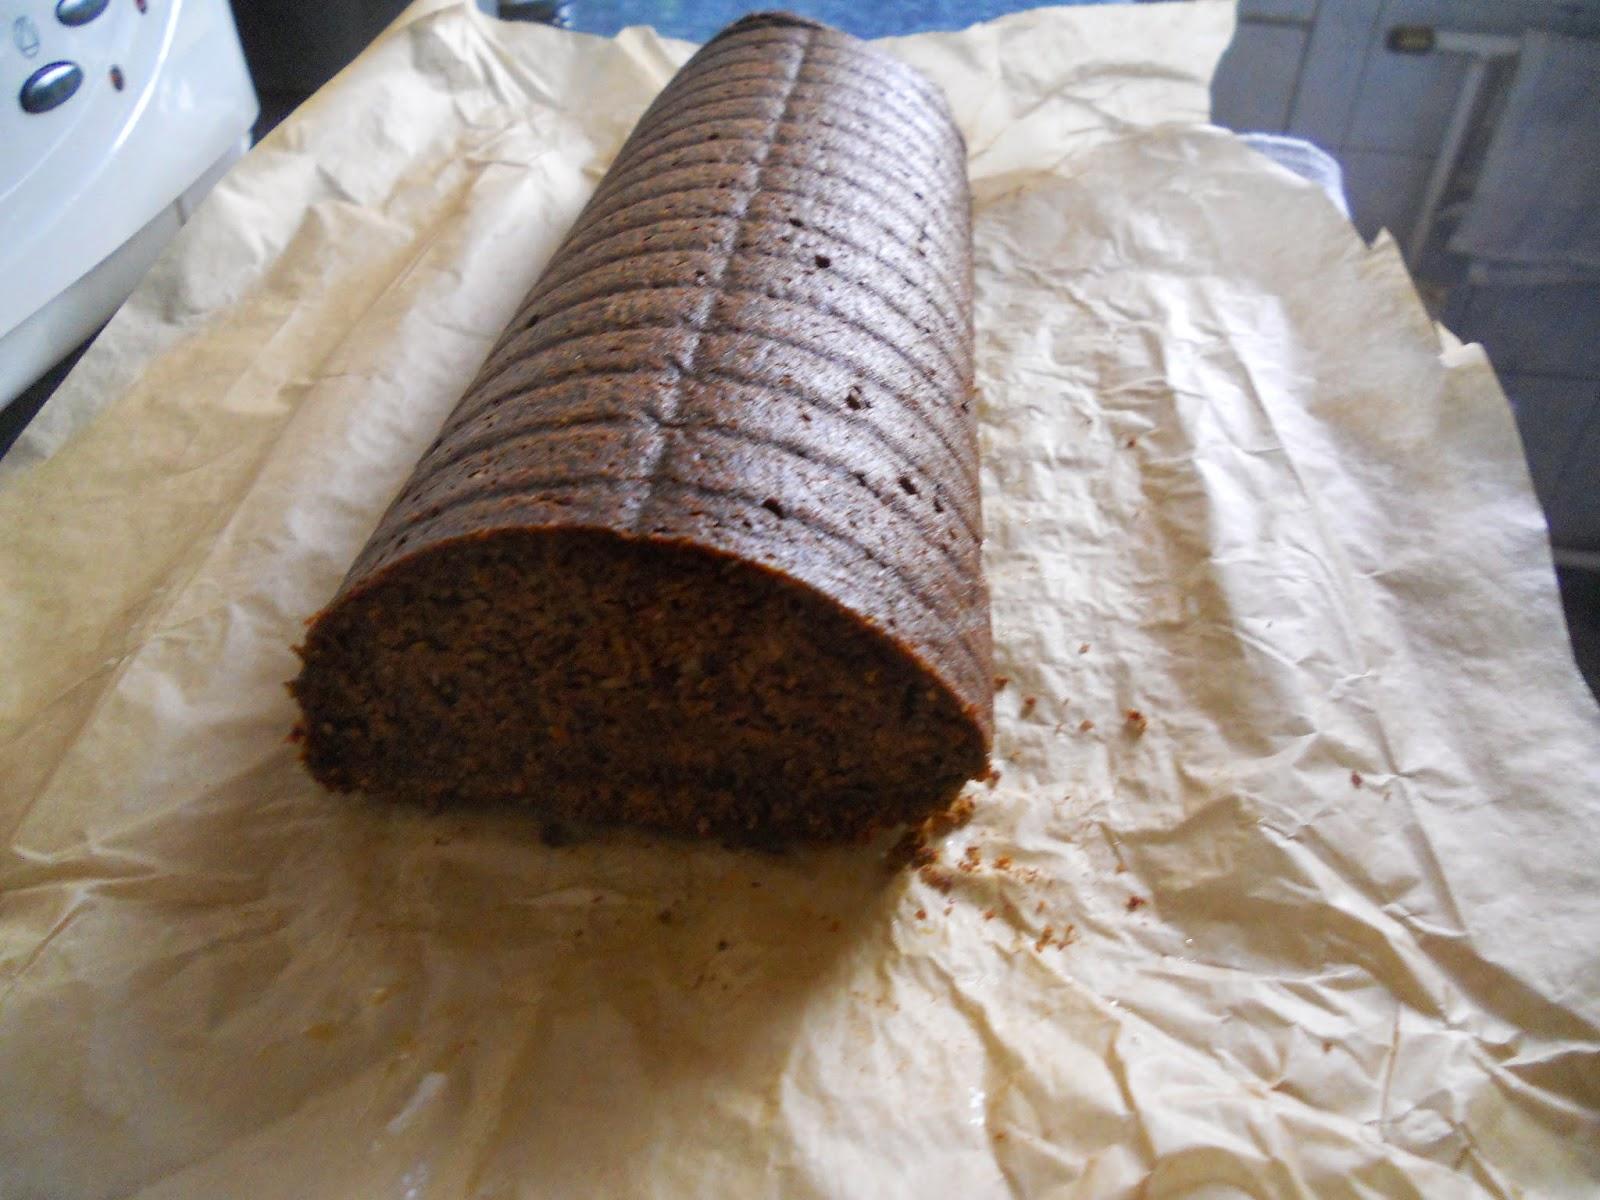 Paleolit datolyás kenyér